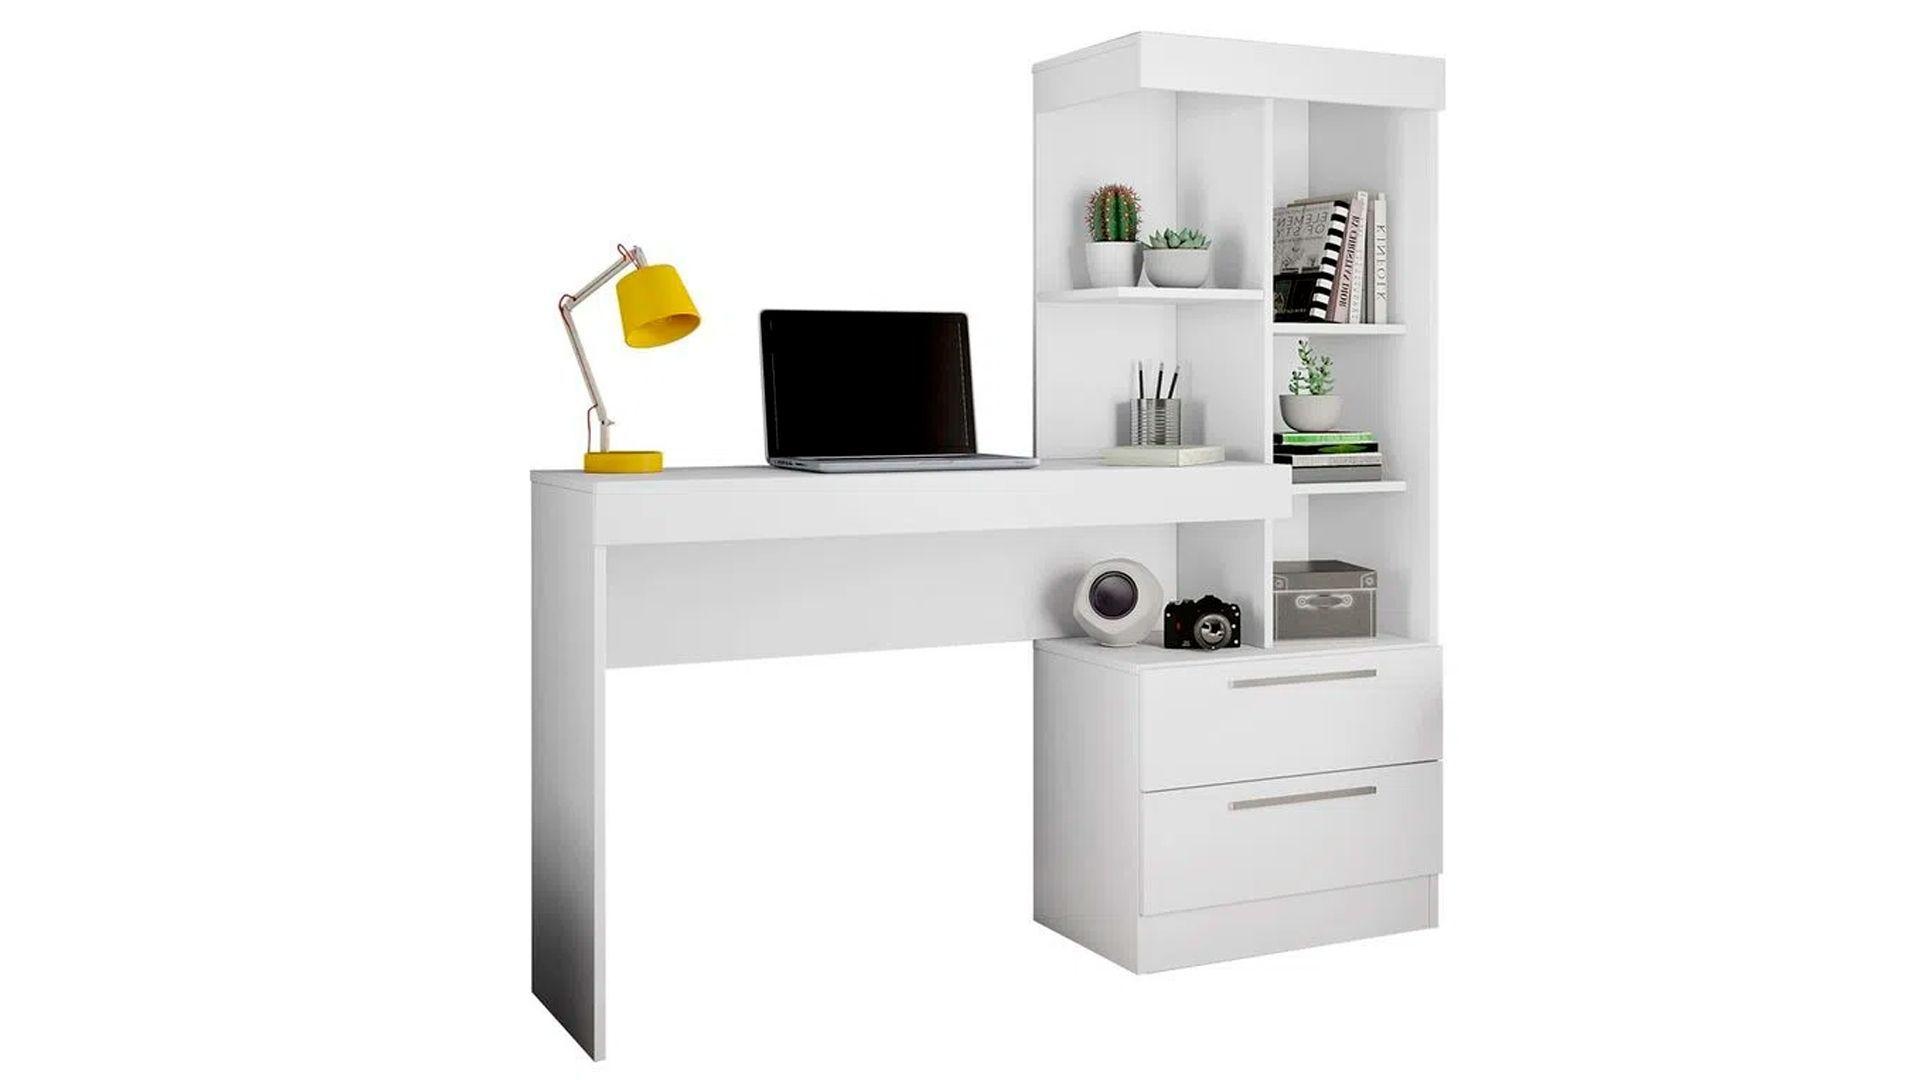 Mesa para computador Escrivaninha com Estante Office 2 Gavetas Branco / Branco / Rosa NT2010 em fundo branco